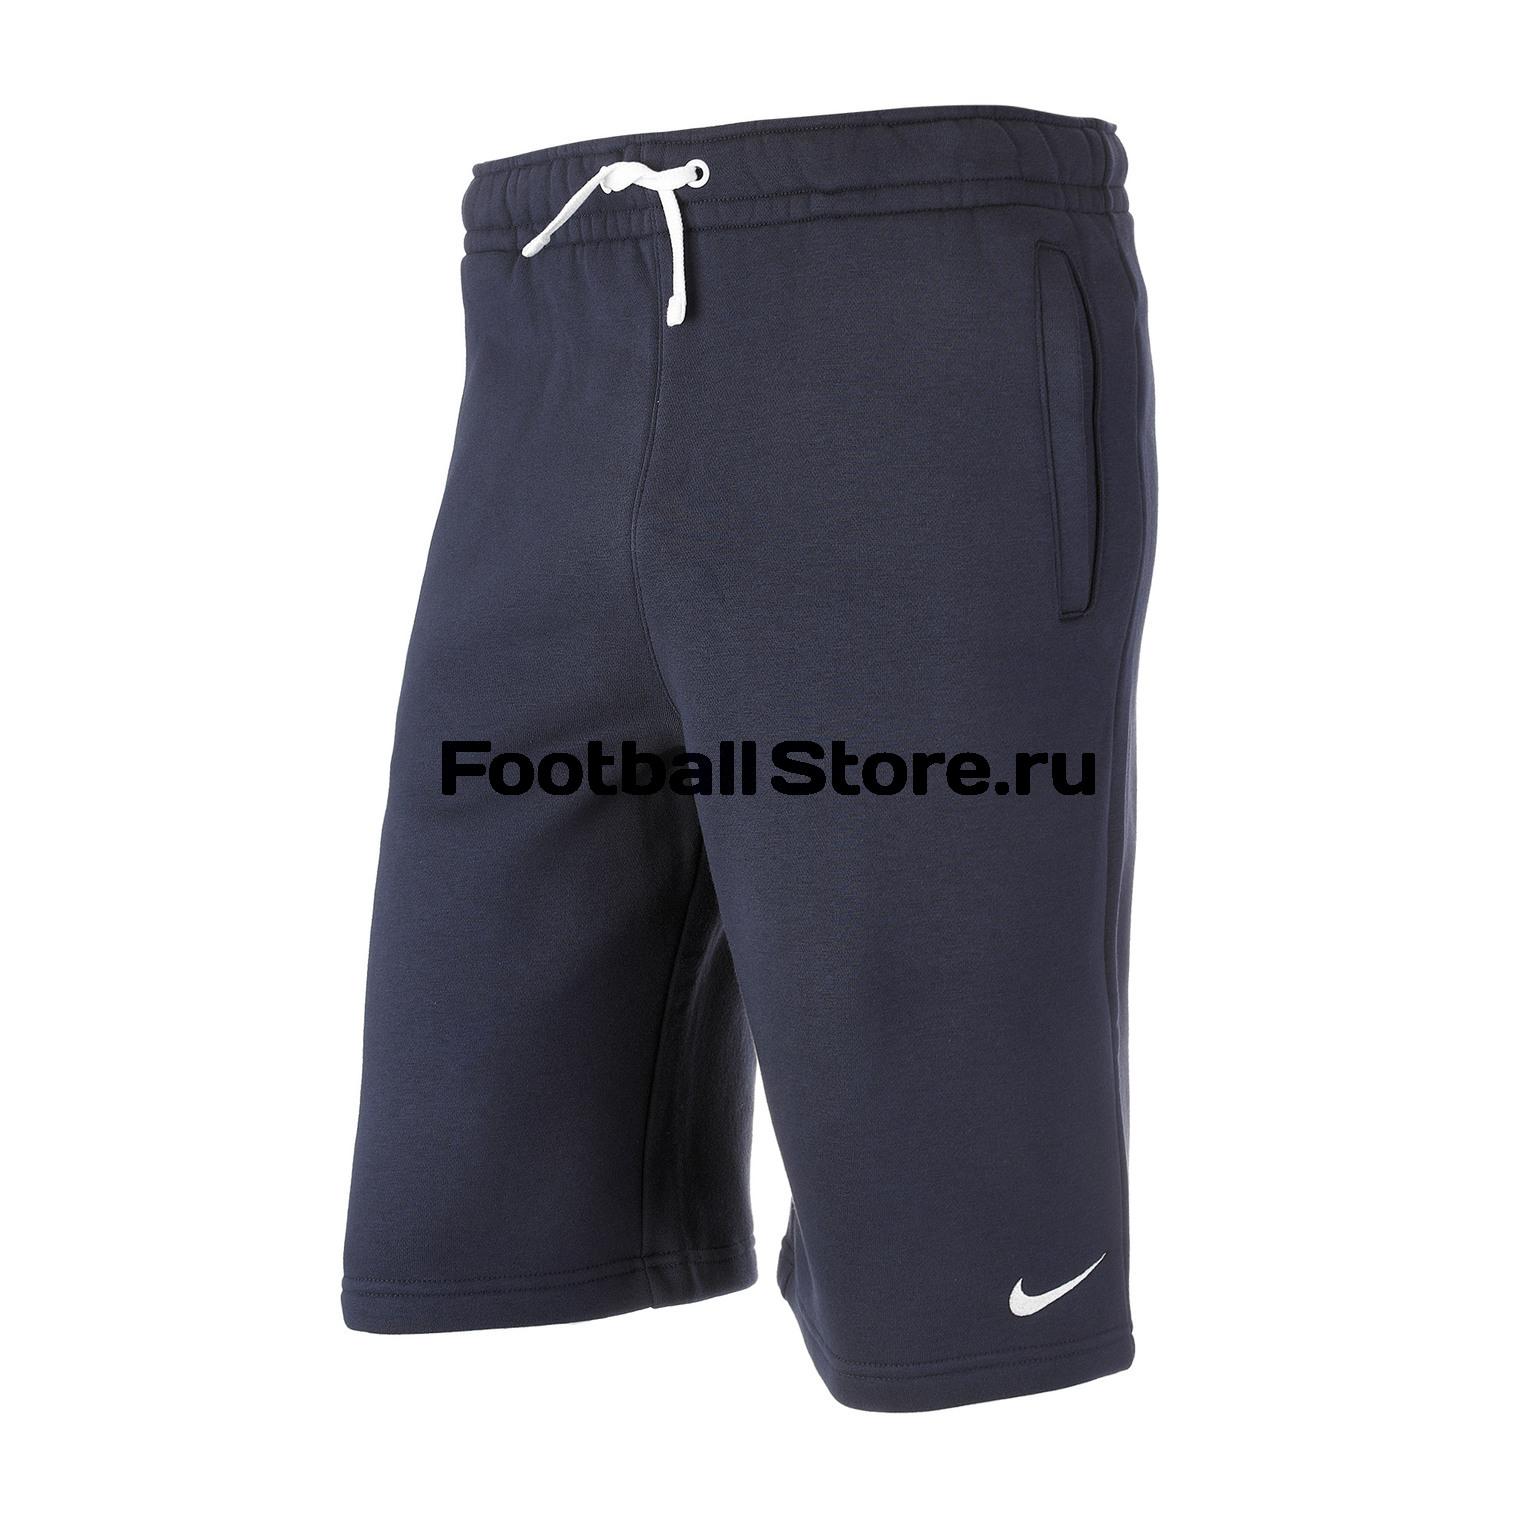 Шорты подростковые Nike Fleece Club19 AQ3142-451